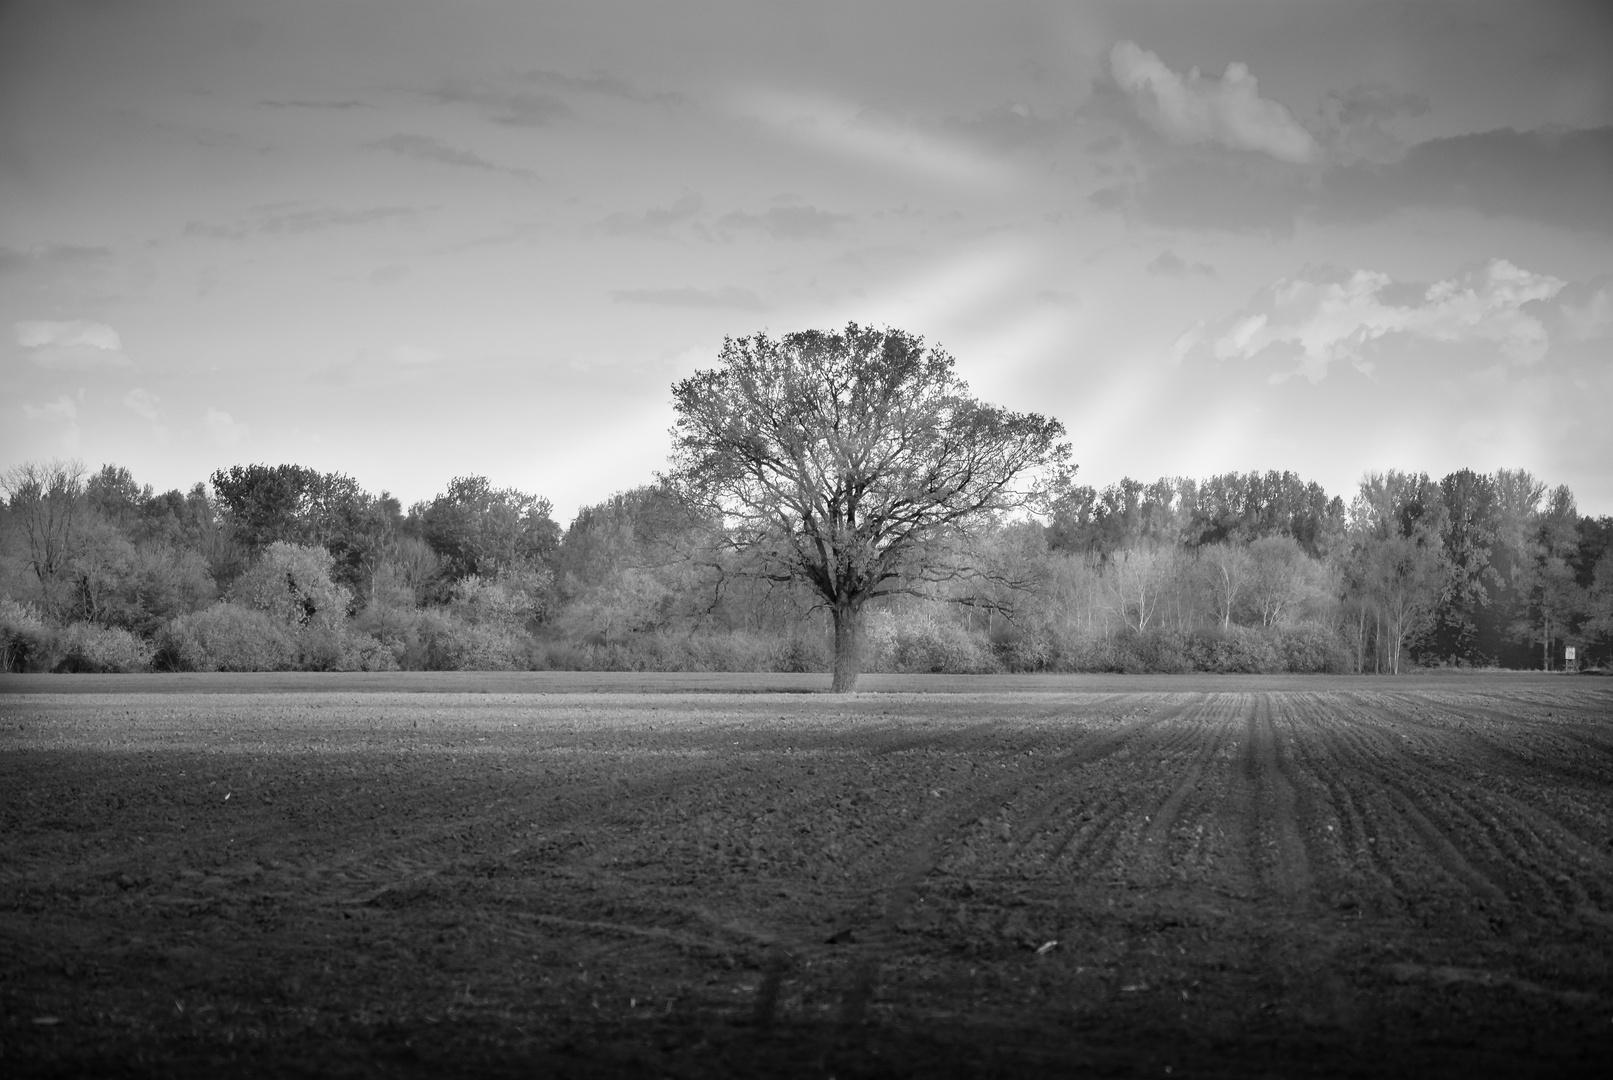 Baum im Acker